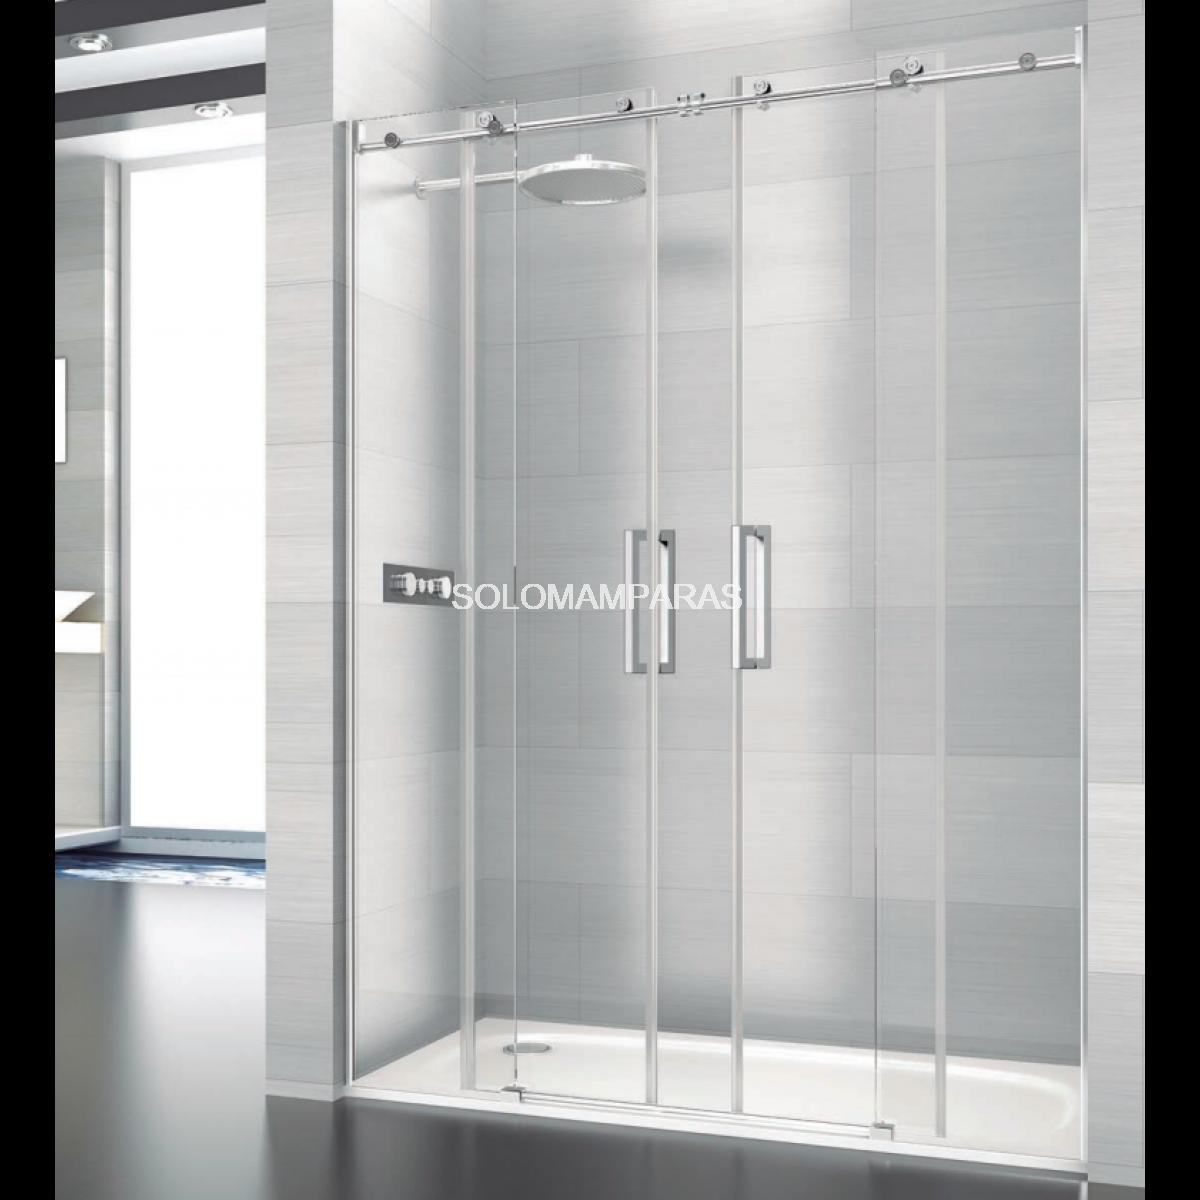 Mampara de ducha saina deyban 2 fijas 2 correderas for Mamparas de ducha fijas